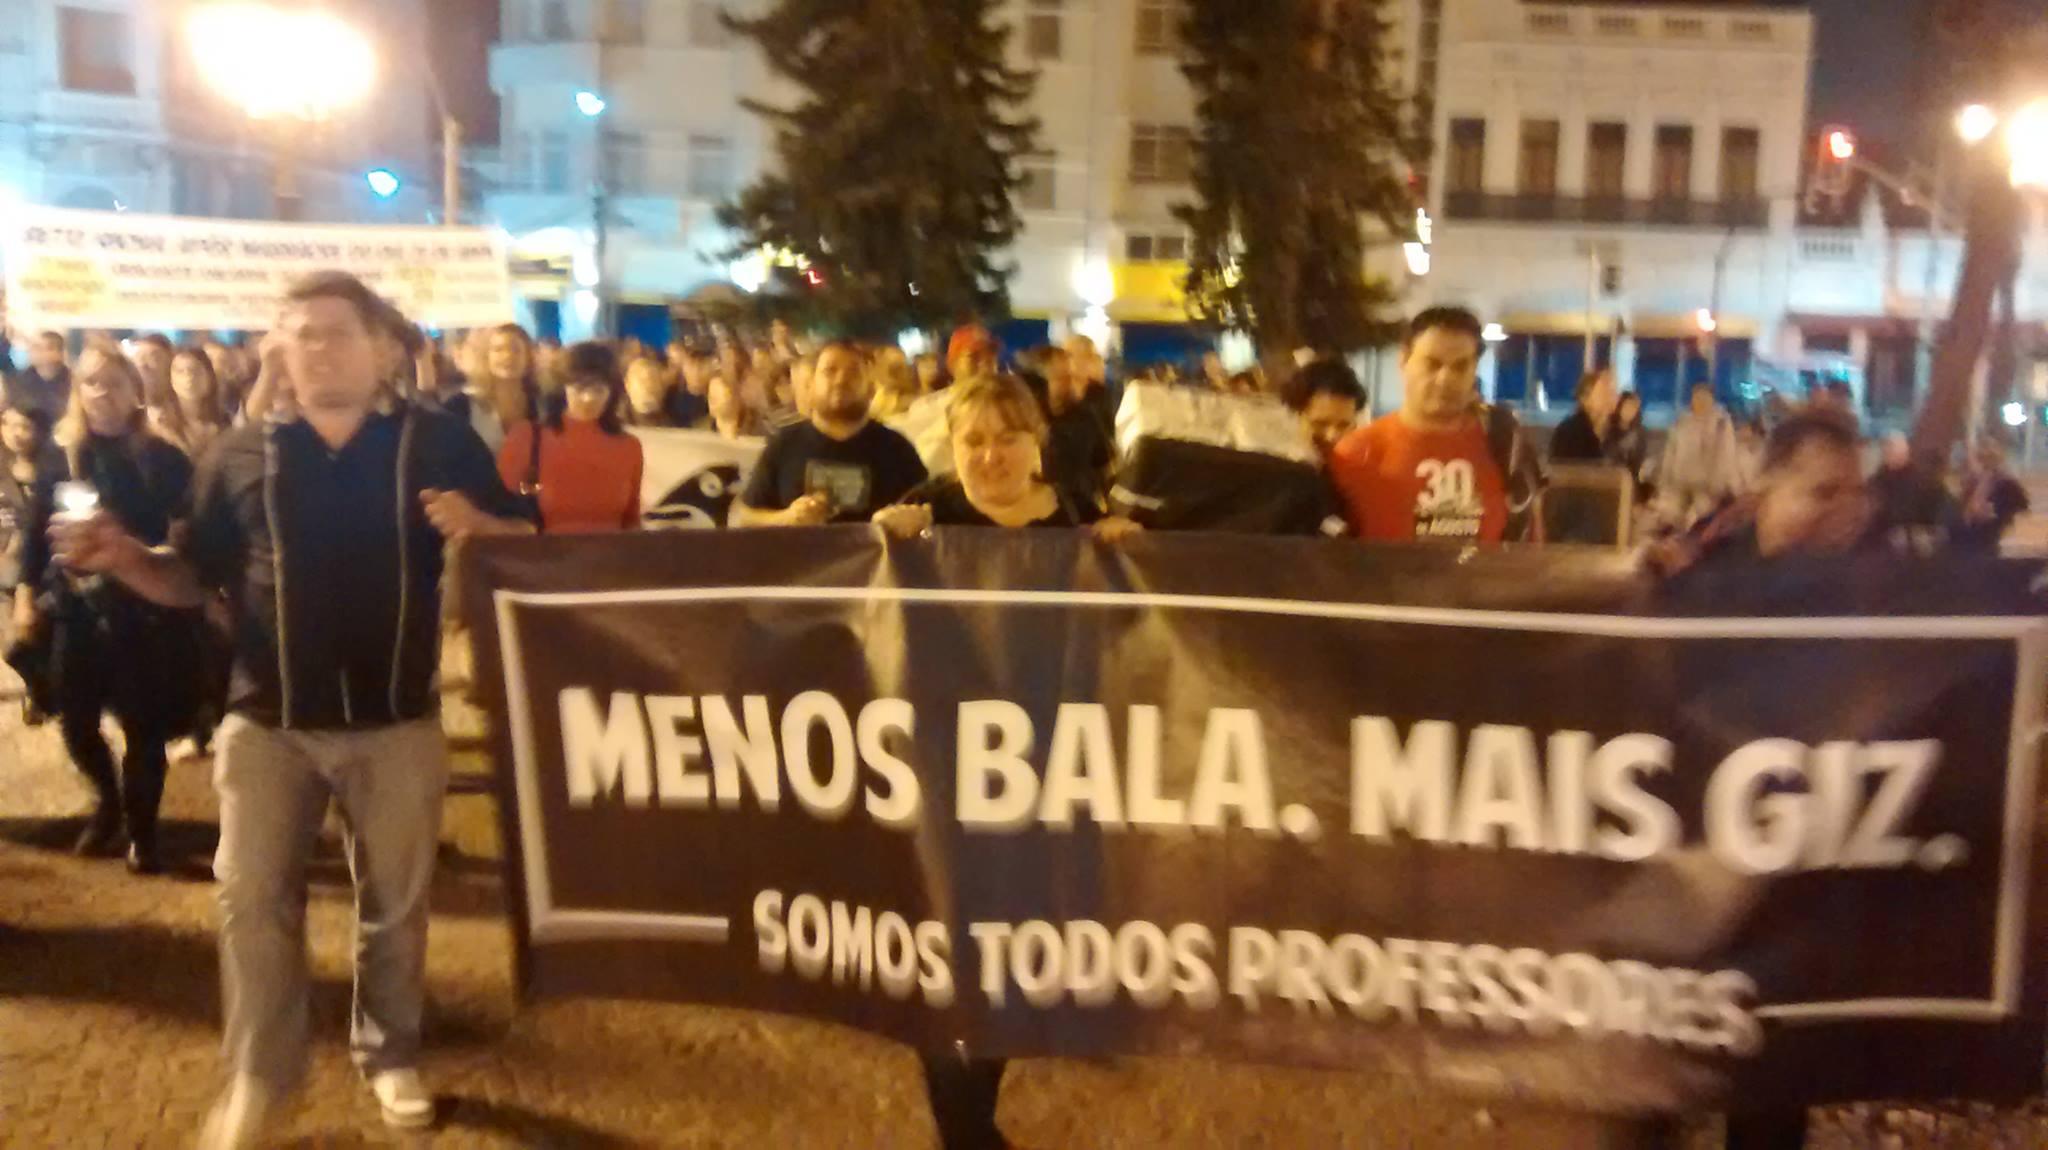 Professores realizam manifestação no centro histórico de Curitiba